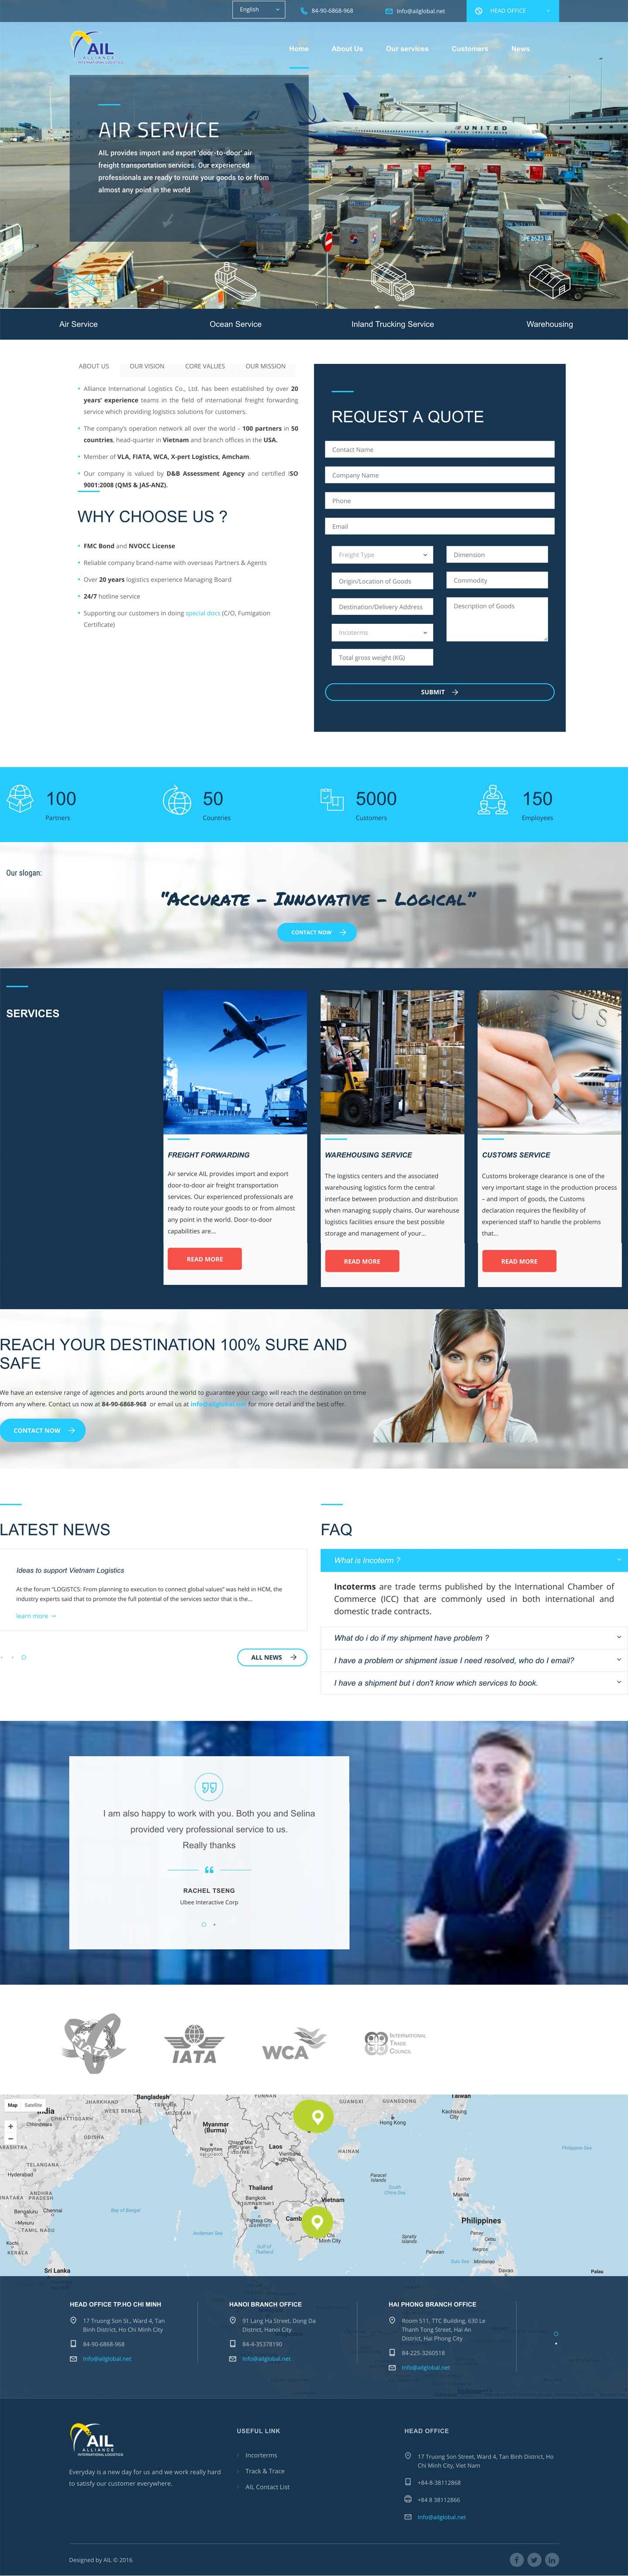 Thiết kế web công ty vận chuyển ALLIANCE INTERNATIONAL LOGISTICS